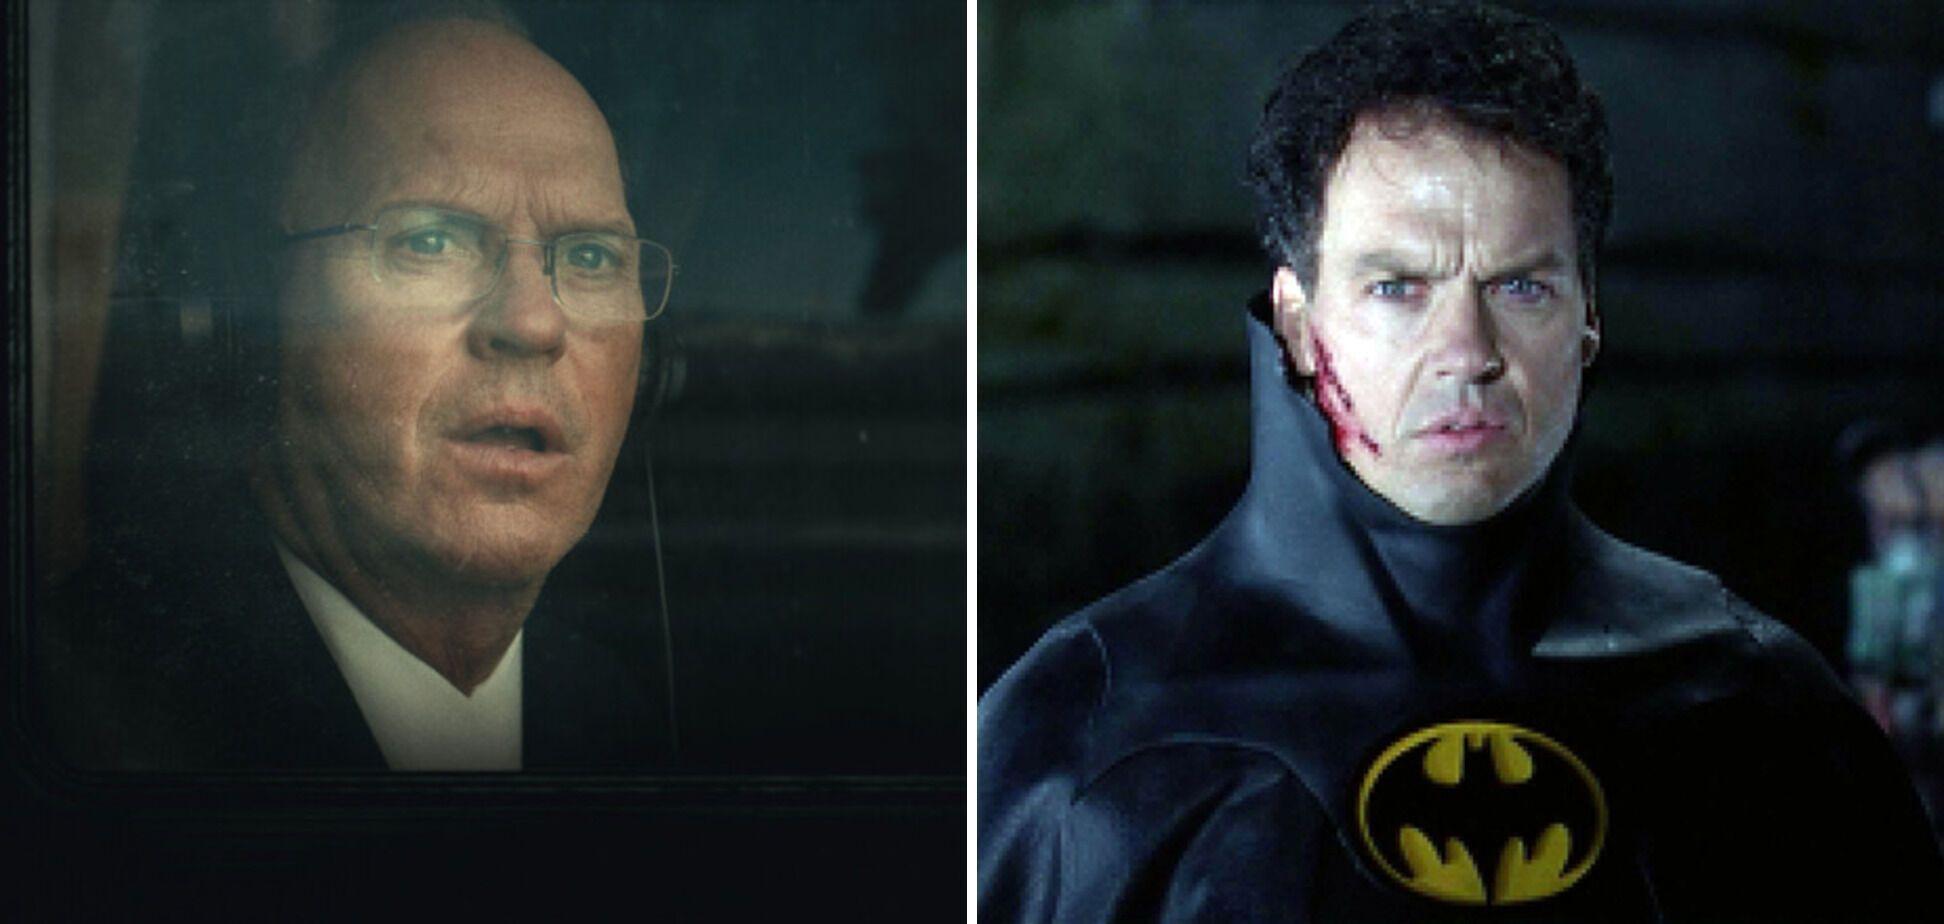 На днях, 5 сентября, Майкл Китон отметил 70-летие. В новой картине он абсолютно не похож на своего супергероя Бэтмена.